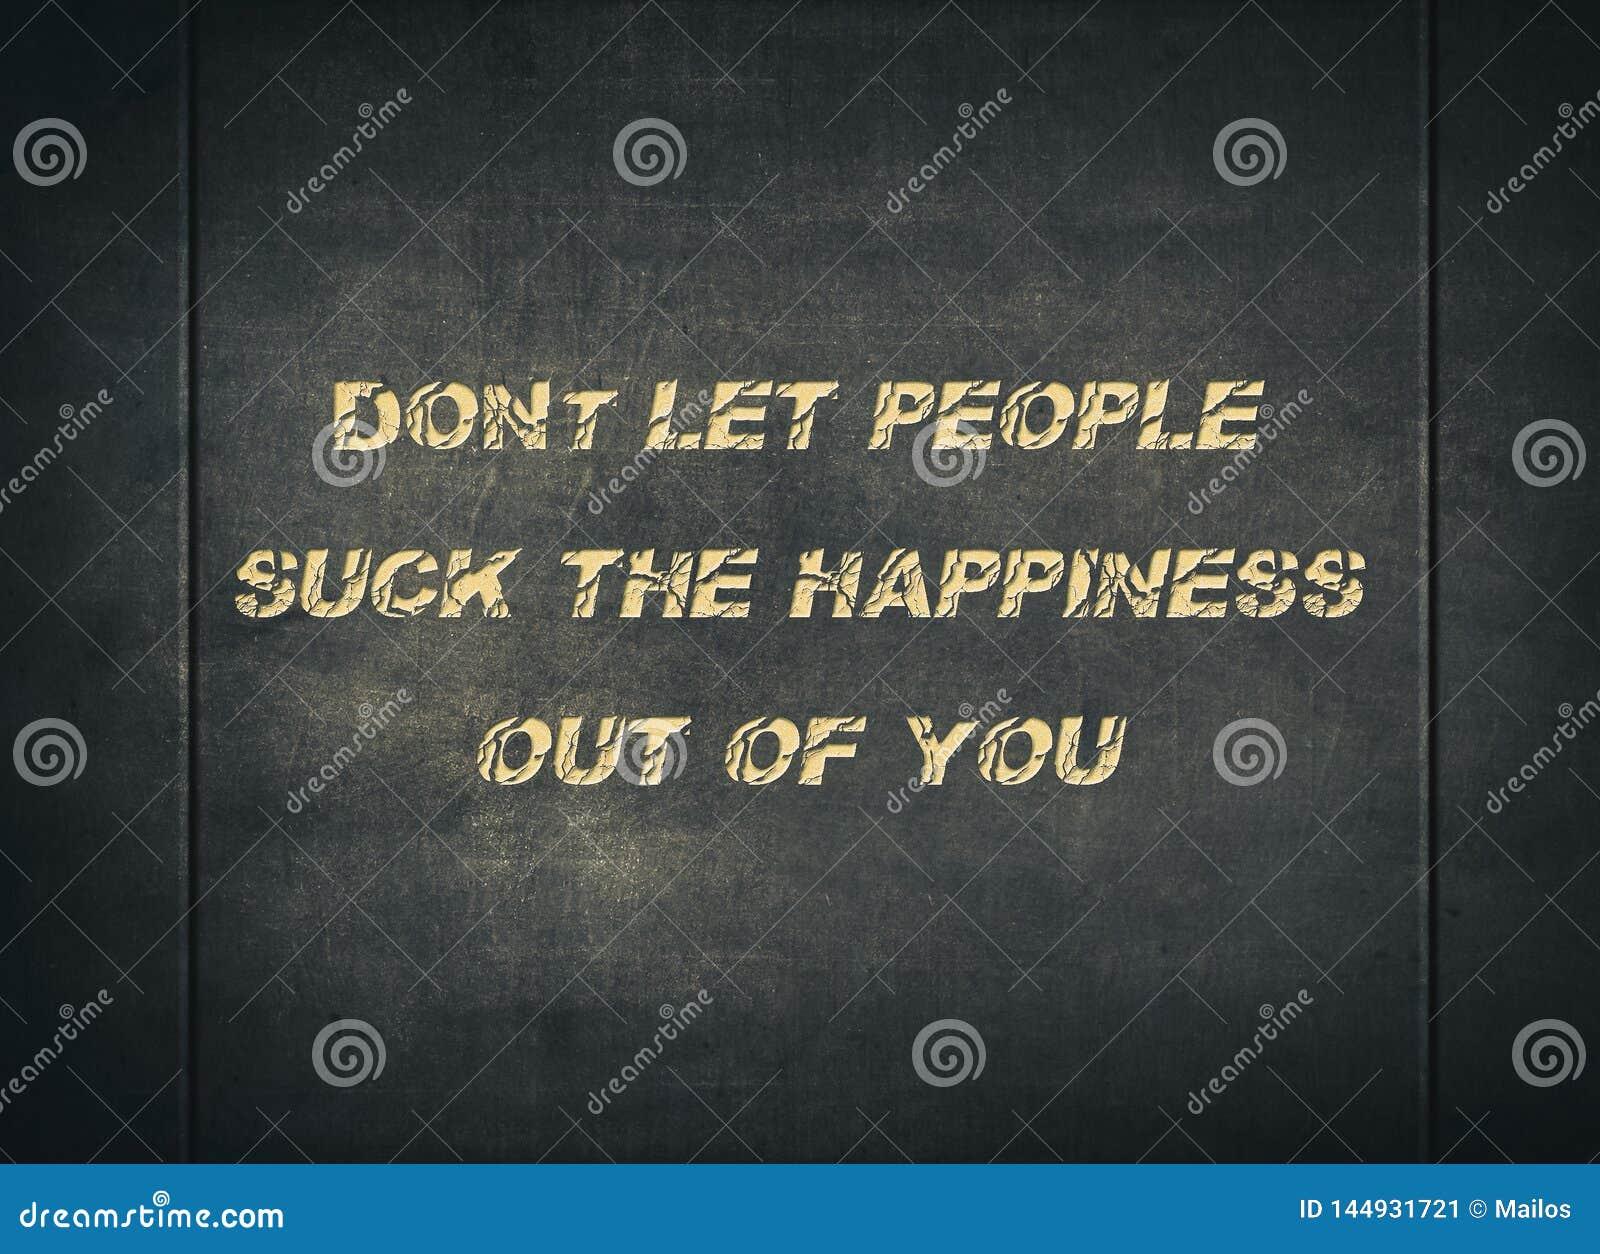 Η ευτυχισμένη ζωή ανθρώπων απολαμβάνει θετικό letterpress